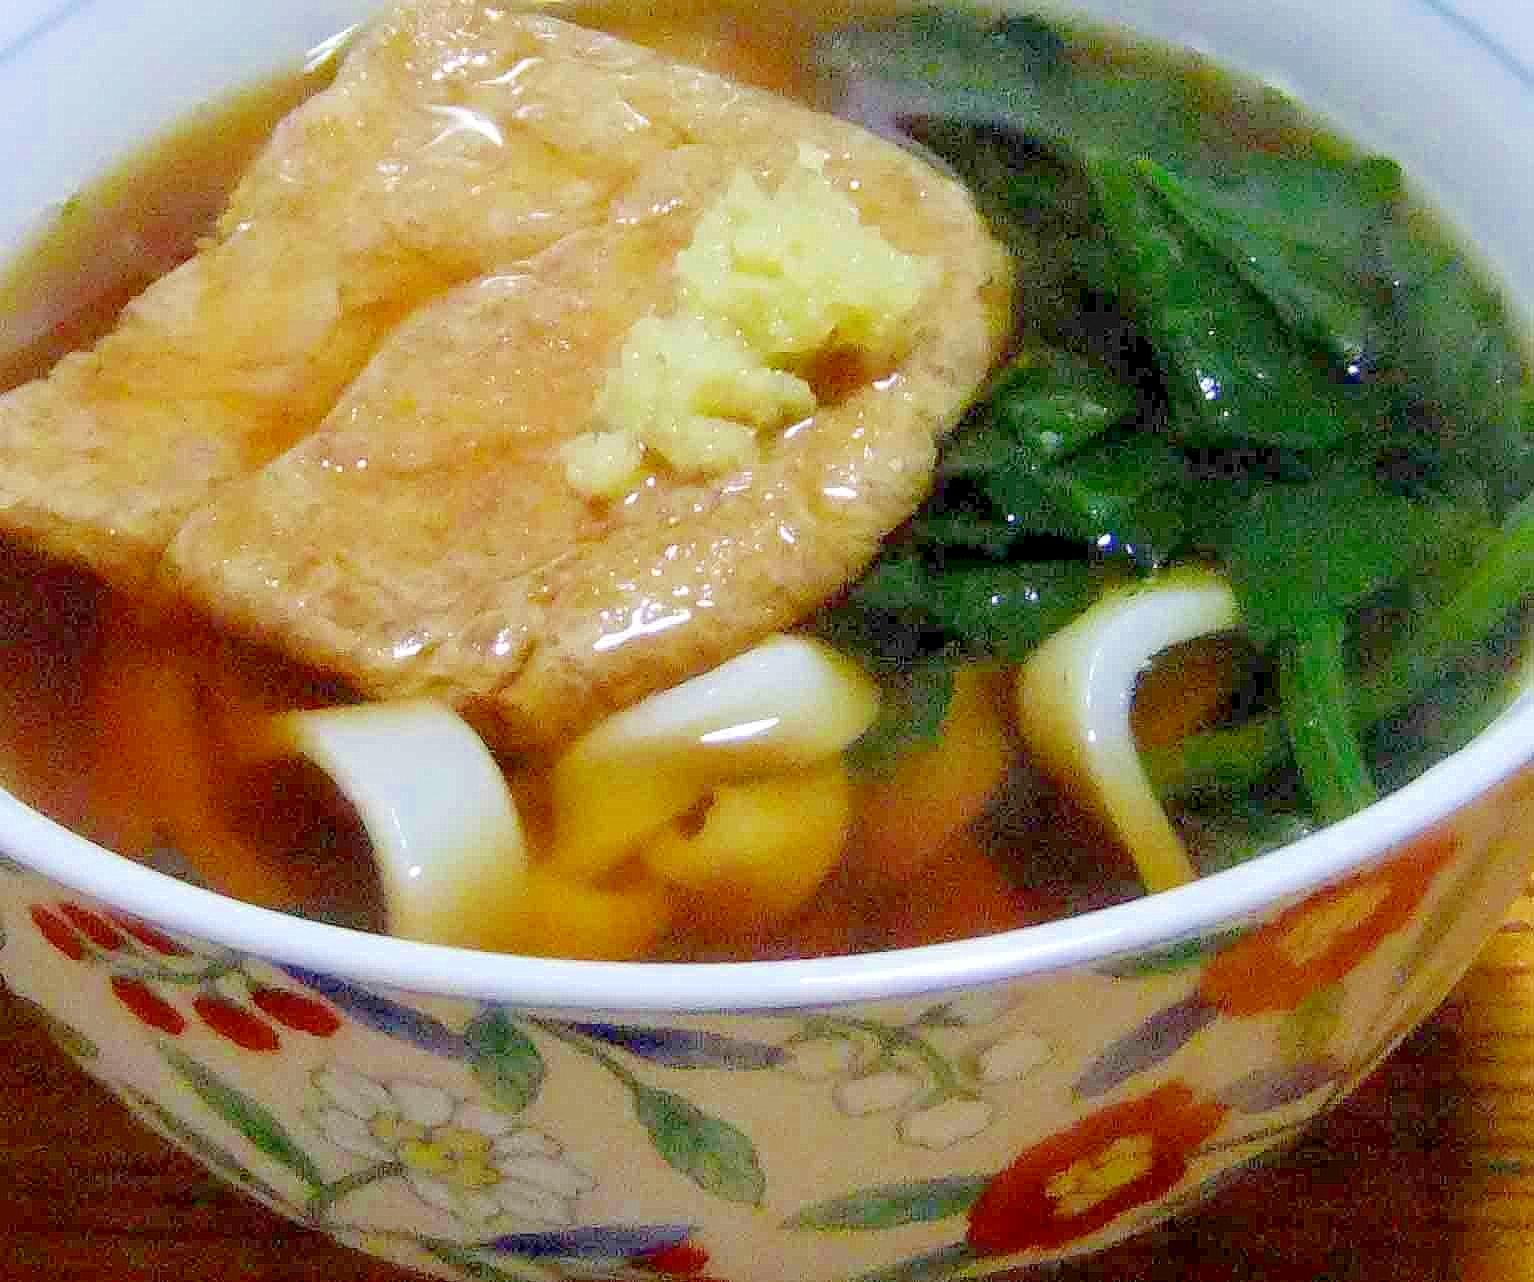 油揚げとほうれん草の生姜入りきしめん レシピ・作り方 by cachecache|楽天レシピ